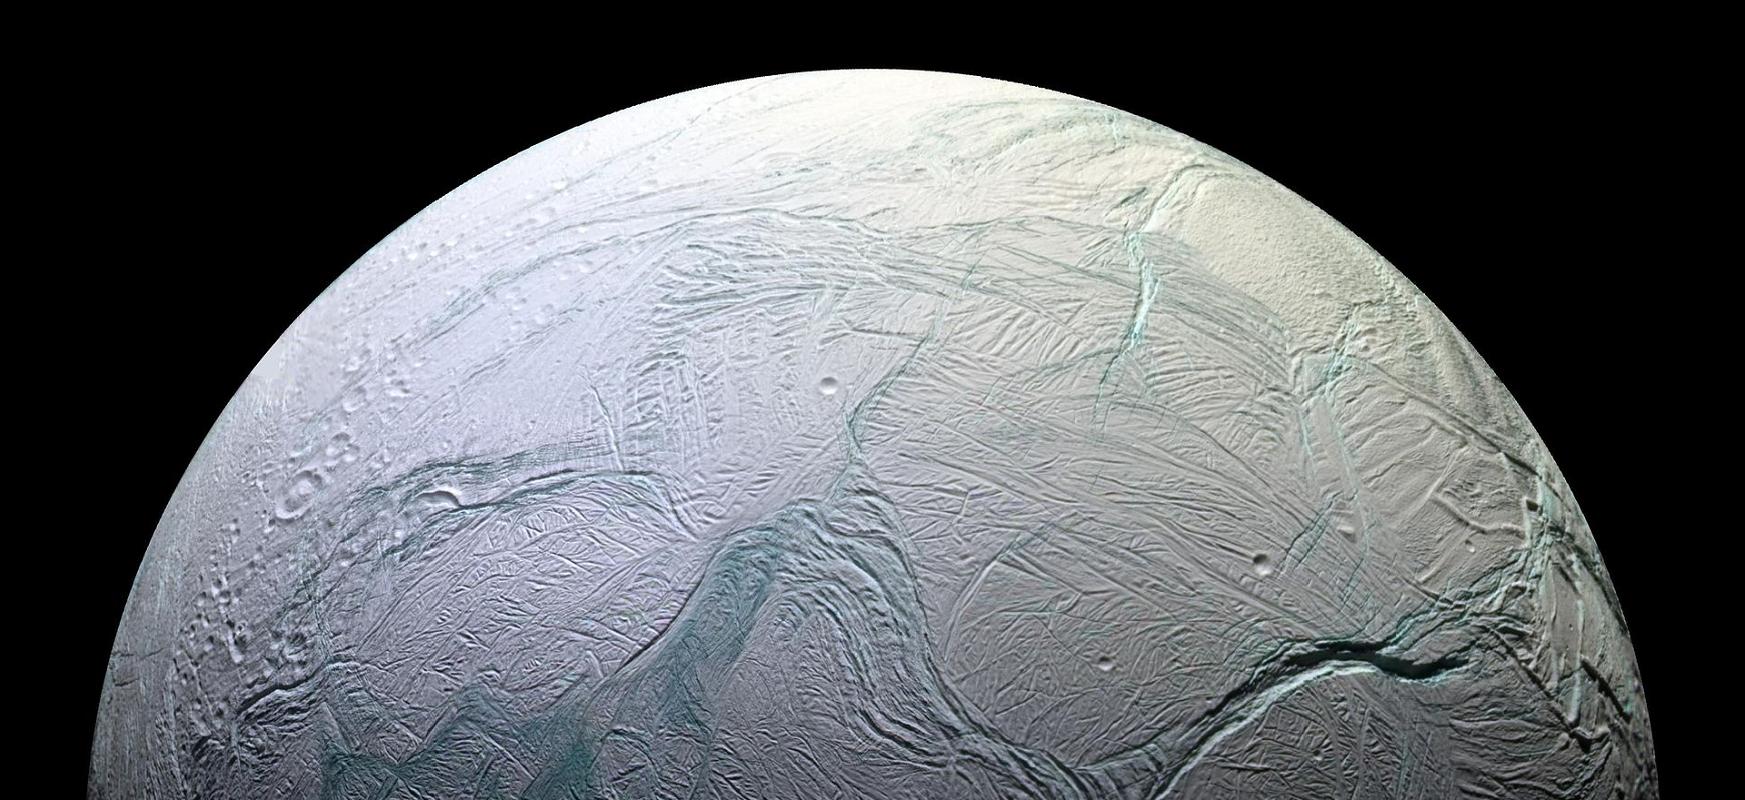 Saturnoren ilargia ur geyserrekin NASAren hurrengo misioaren helburua izan beharko litzateke